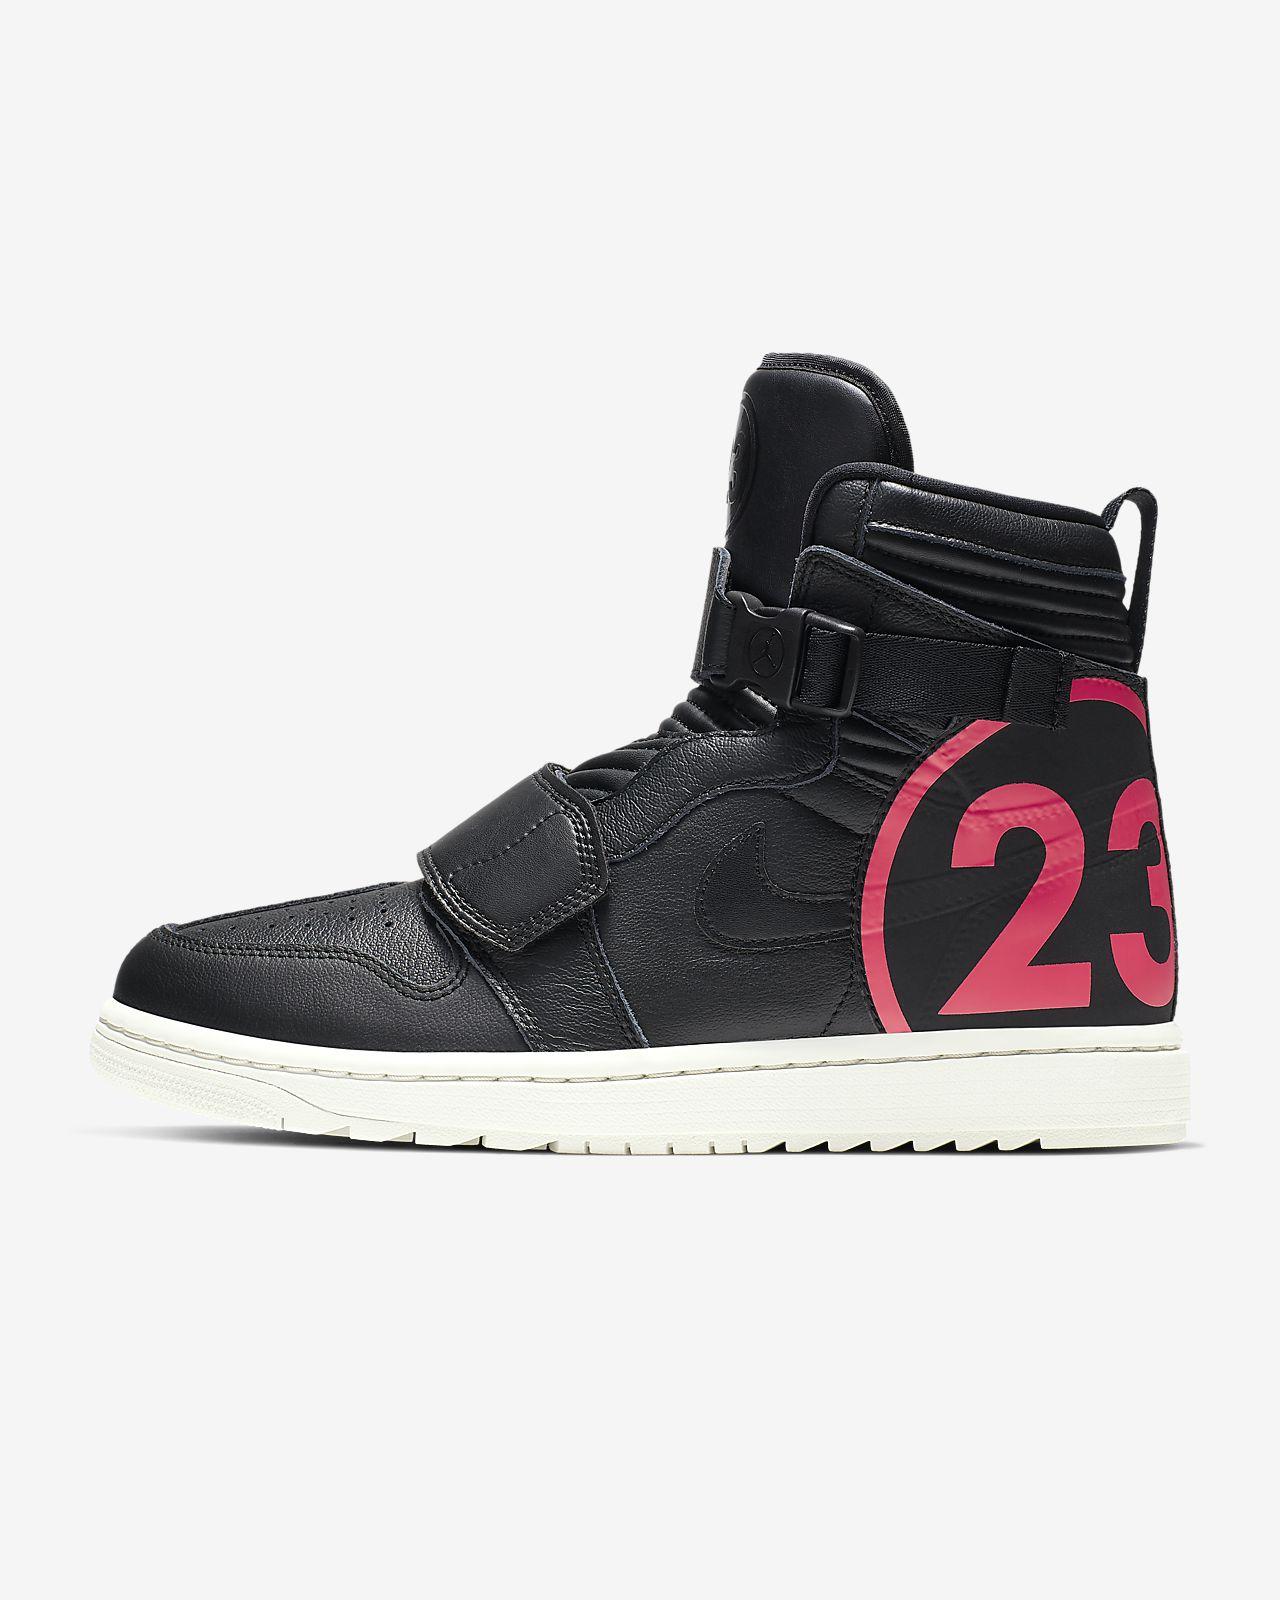 Air Jordan 1 Moto 男子运动鞋